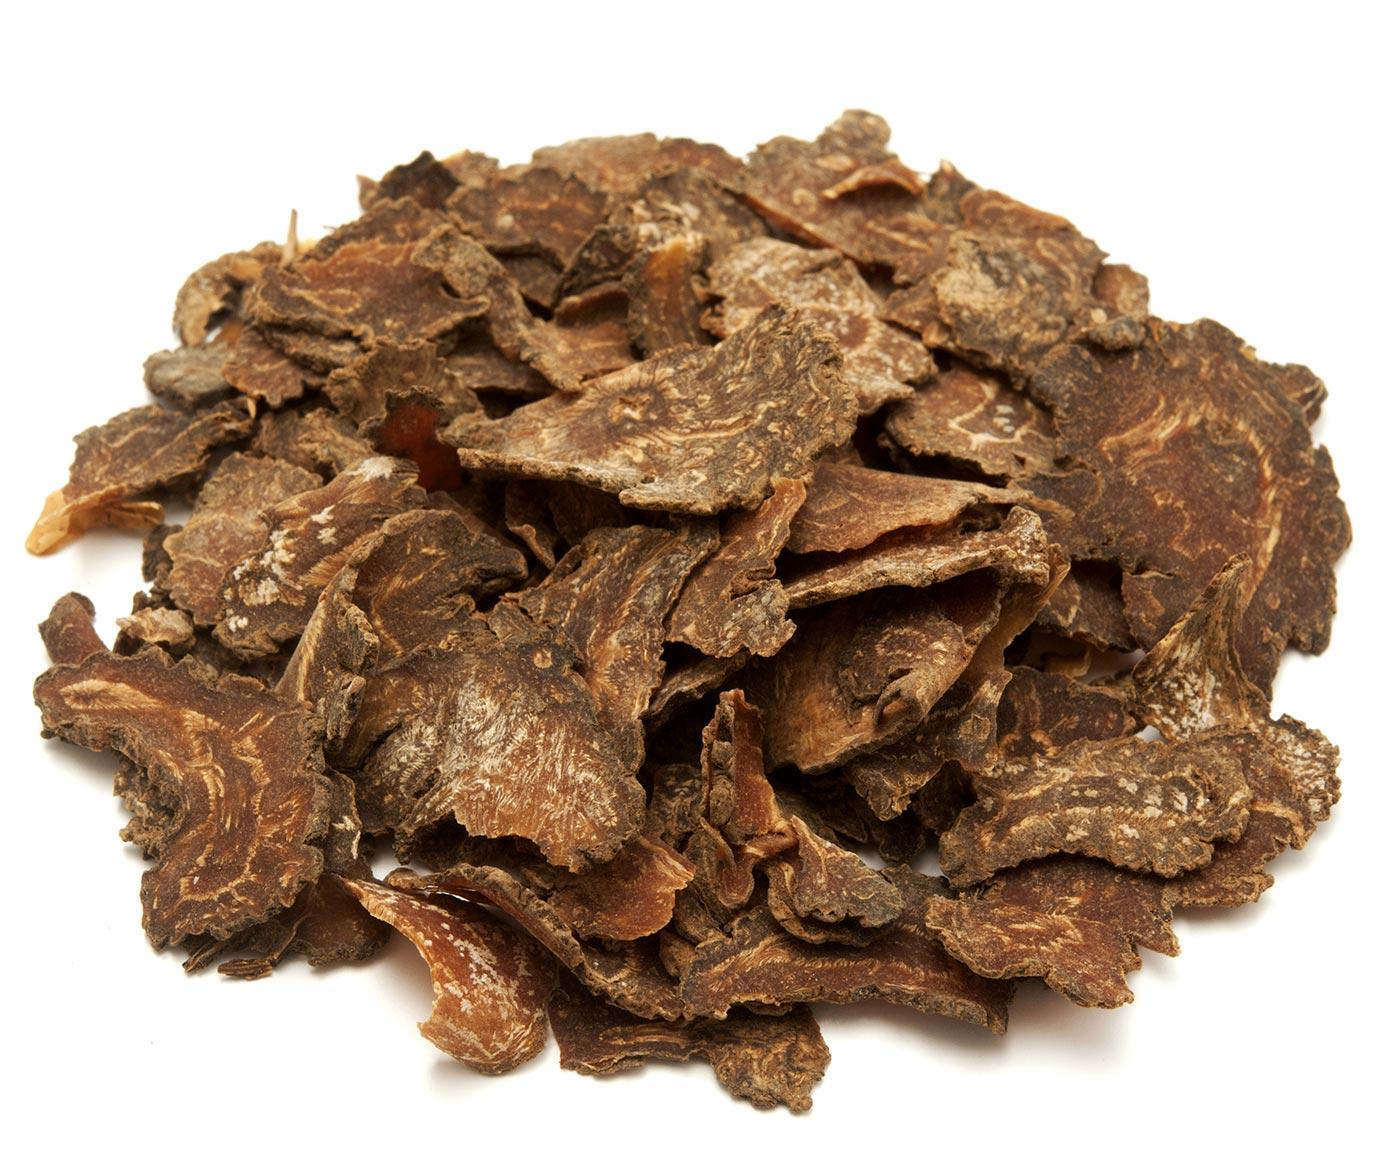 Ligusticum (Chuan Xiong)